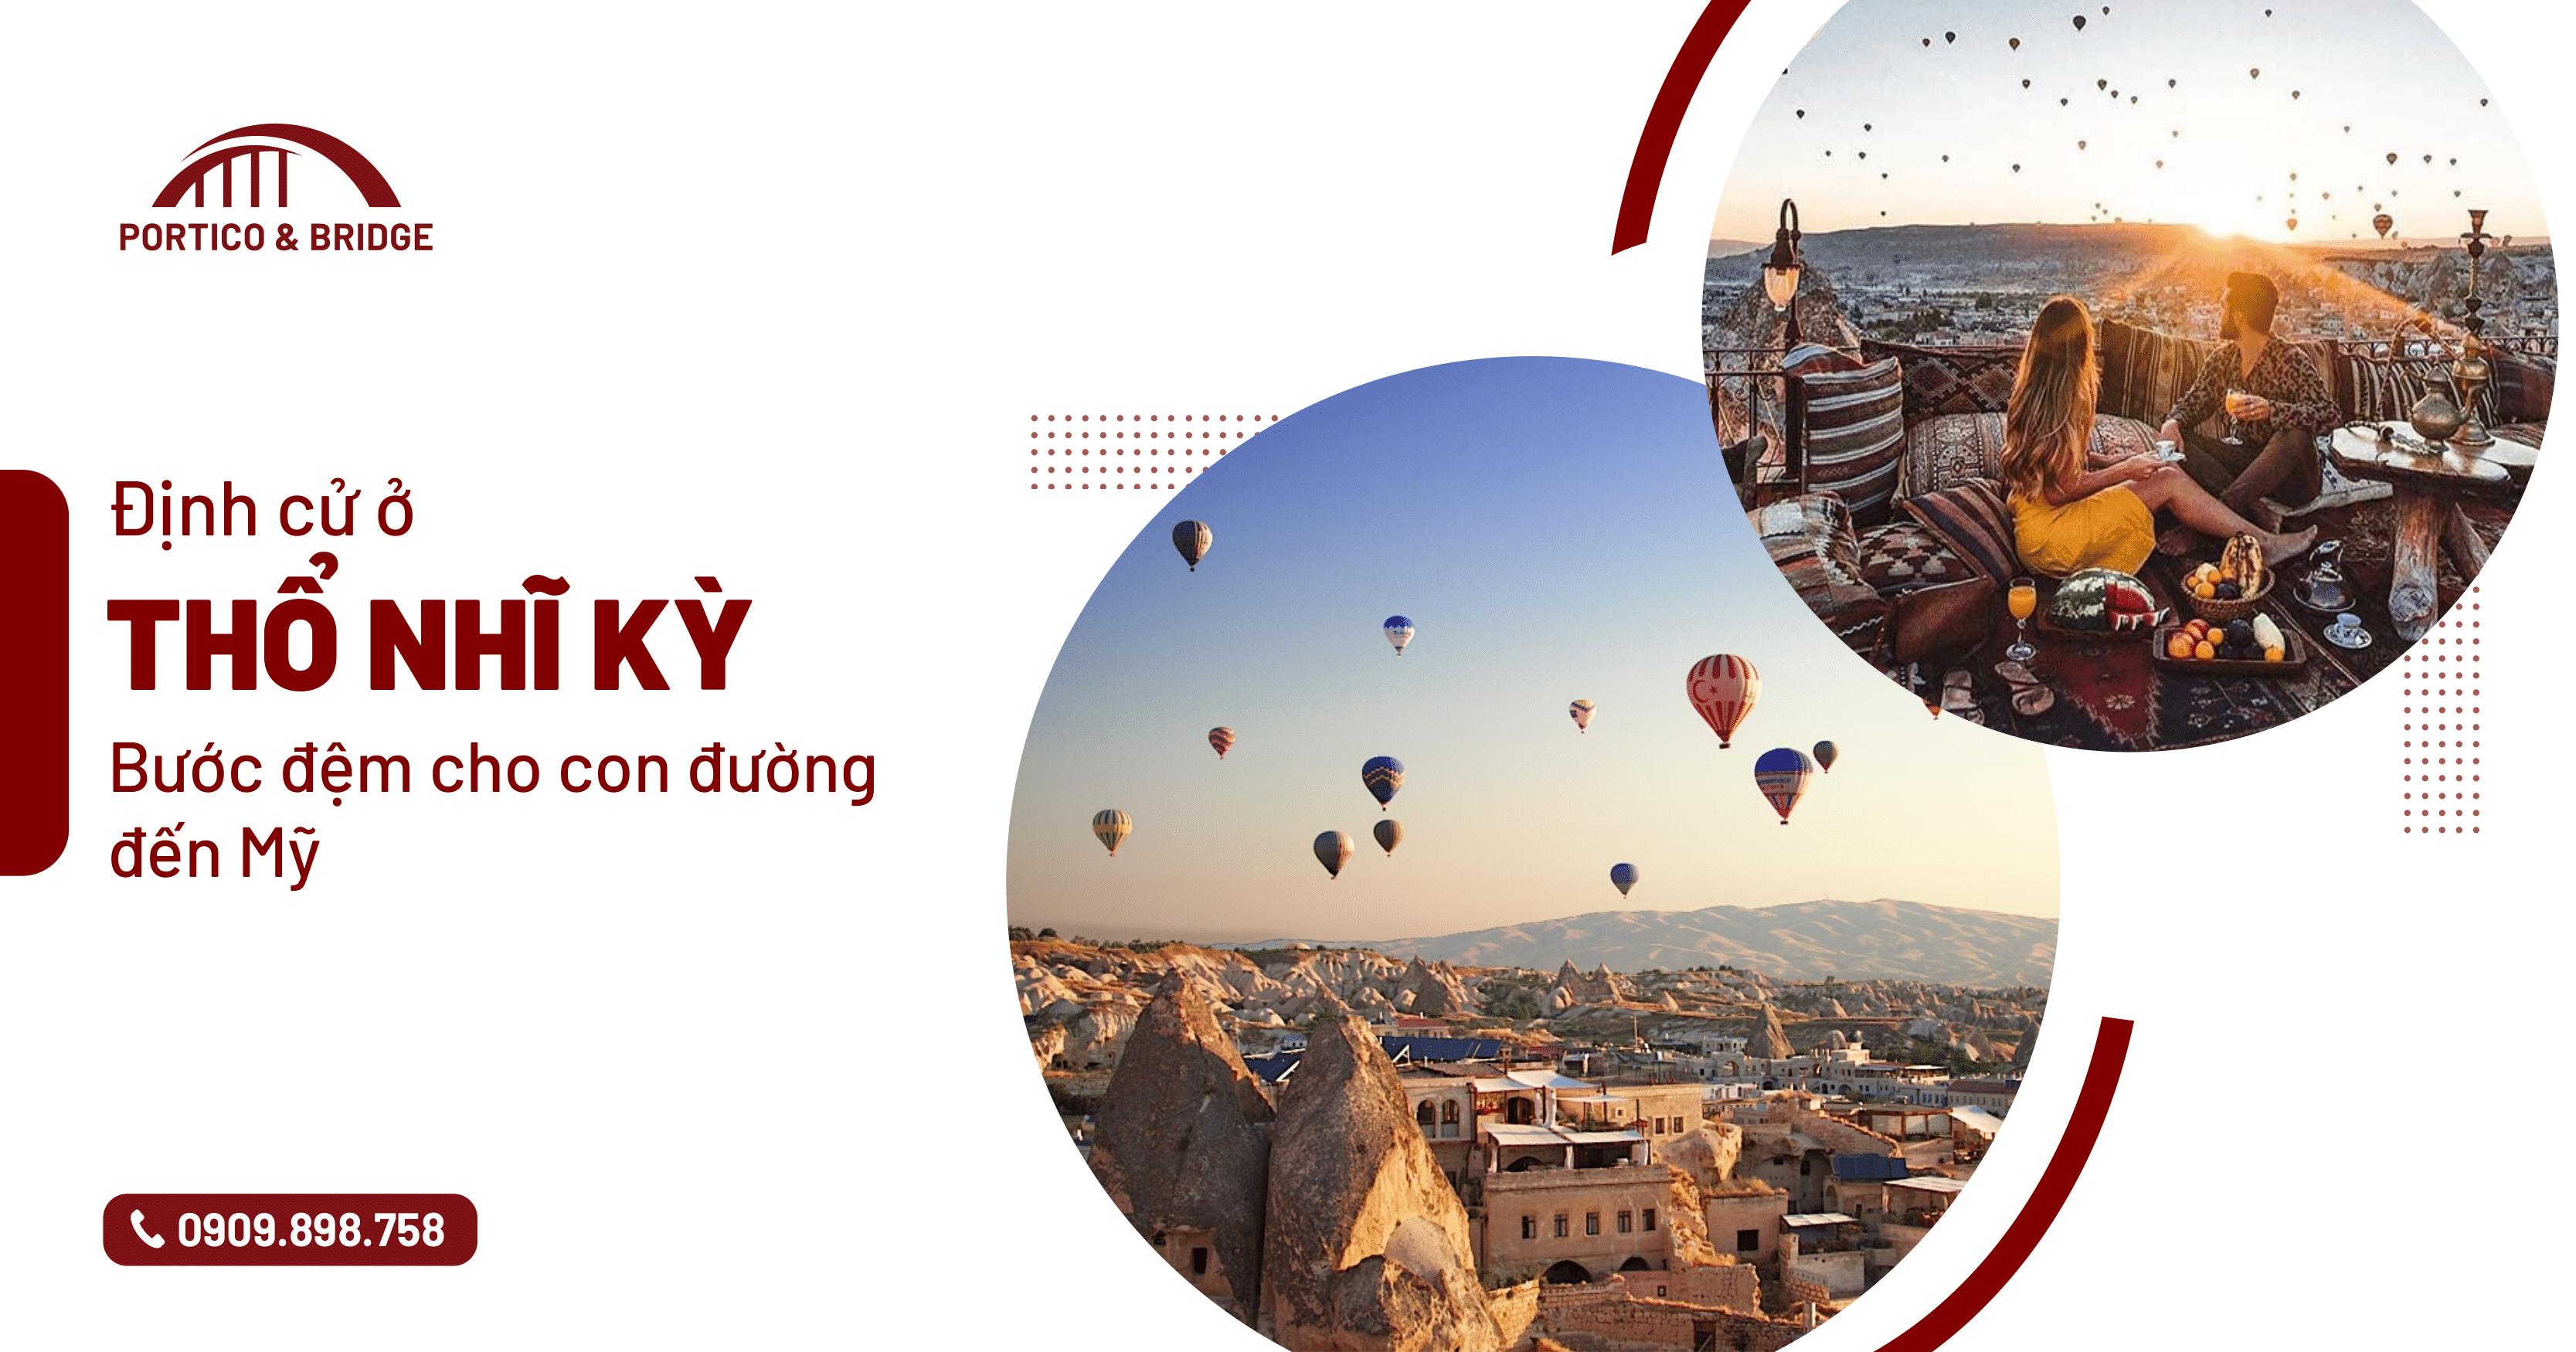 định cư ở Thổ Nhĩ Kỳ